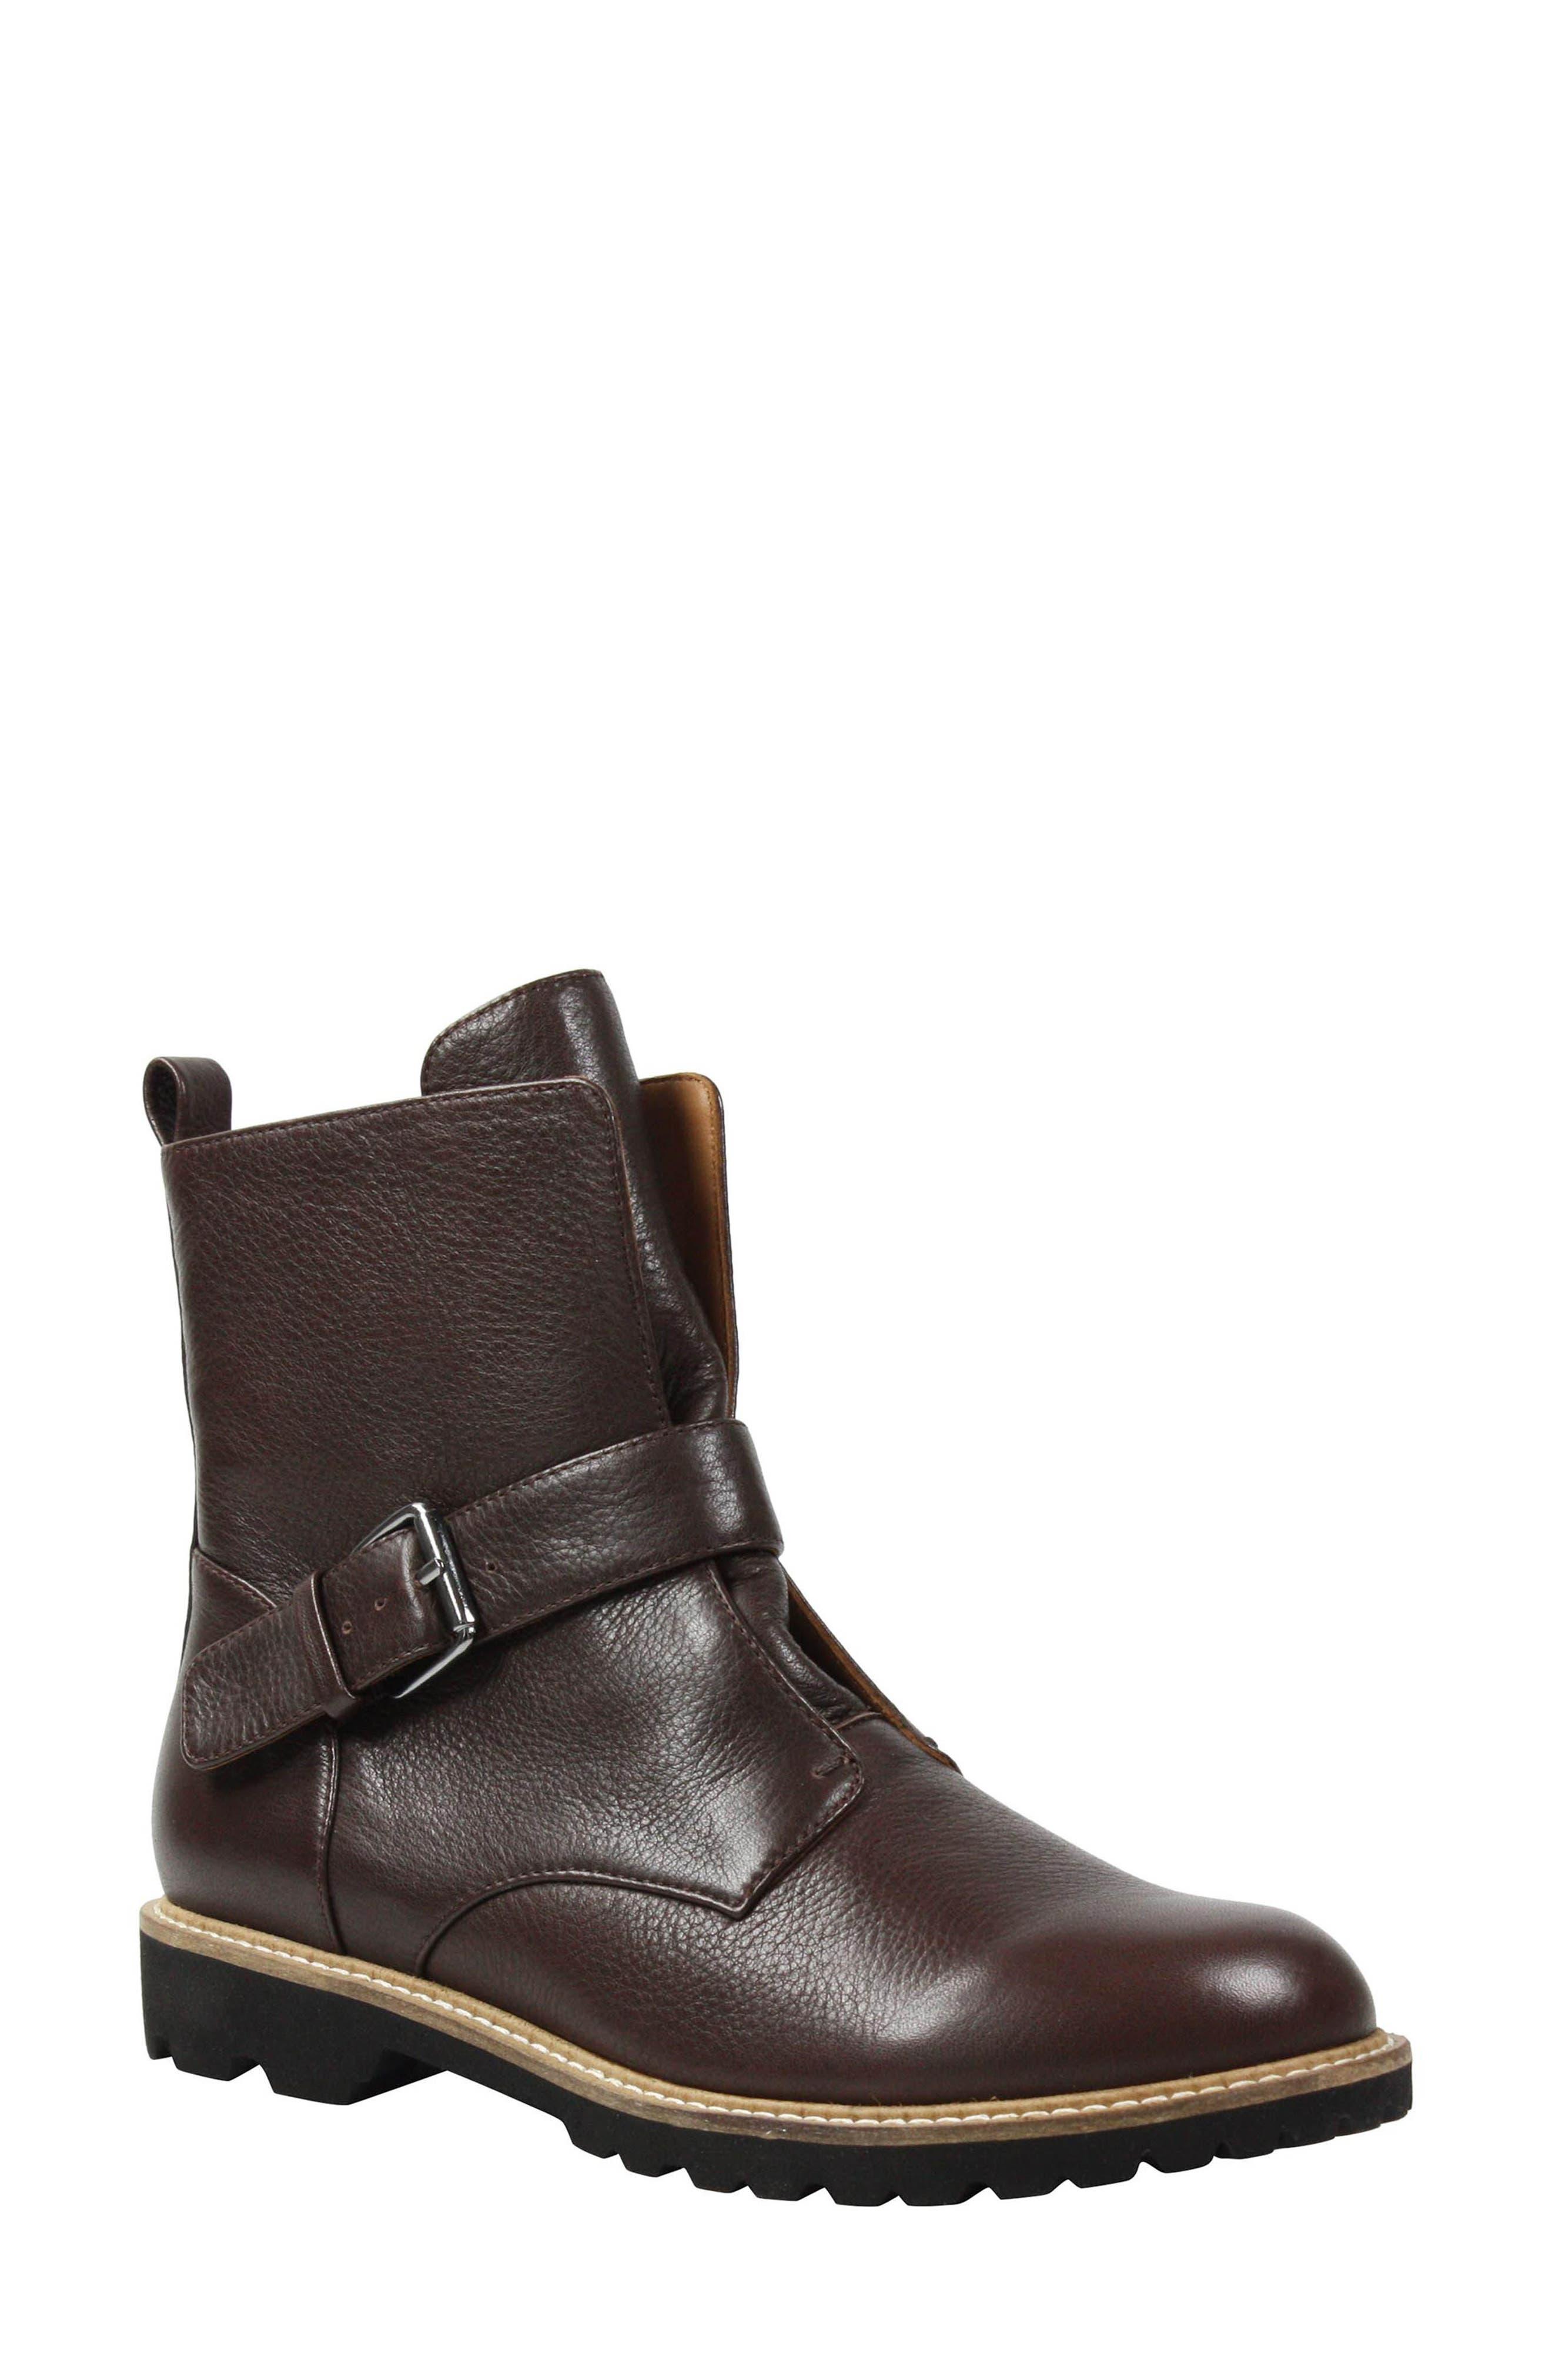 Rapolano Boot,                         Main,                         color, Moro Leather